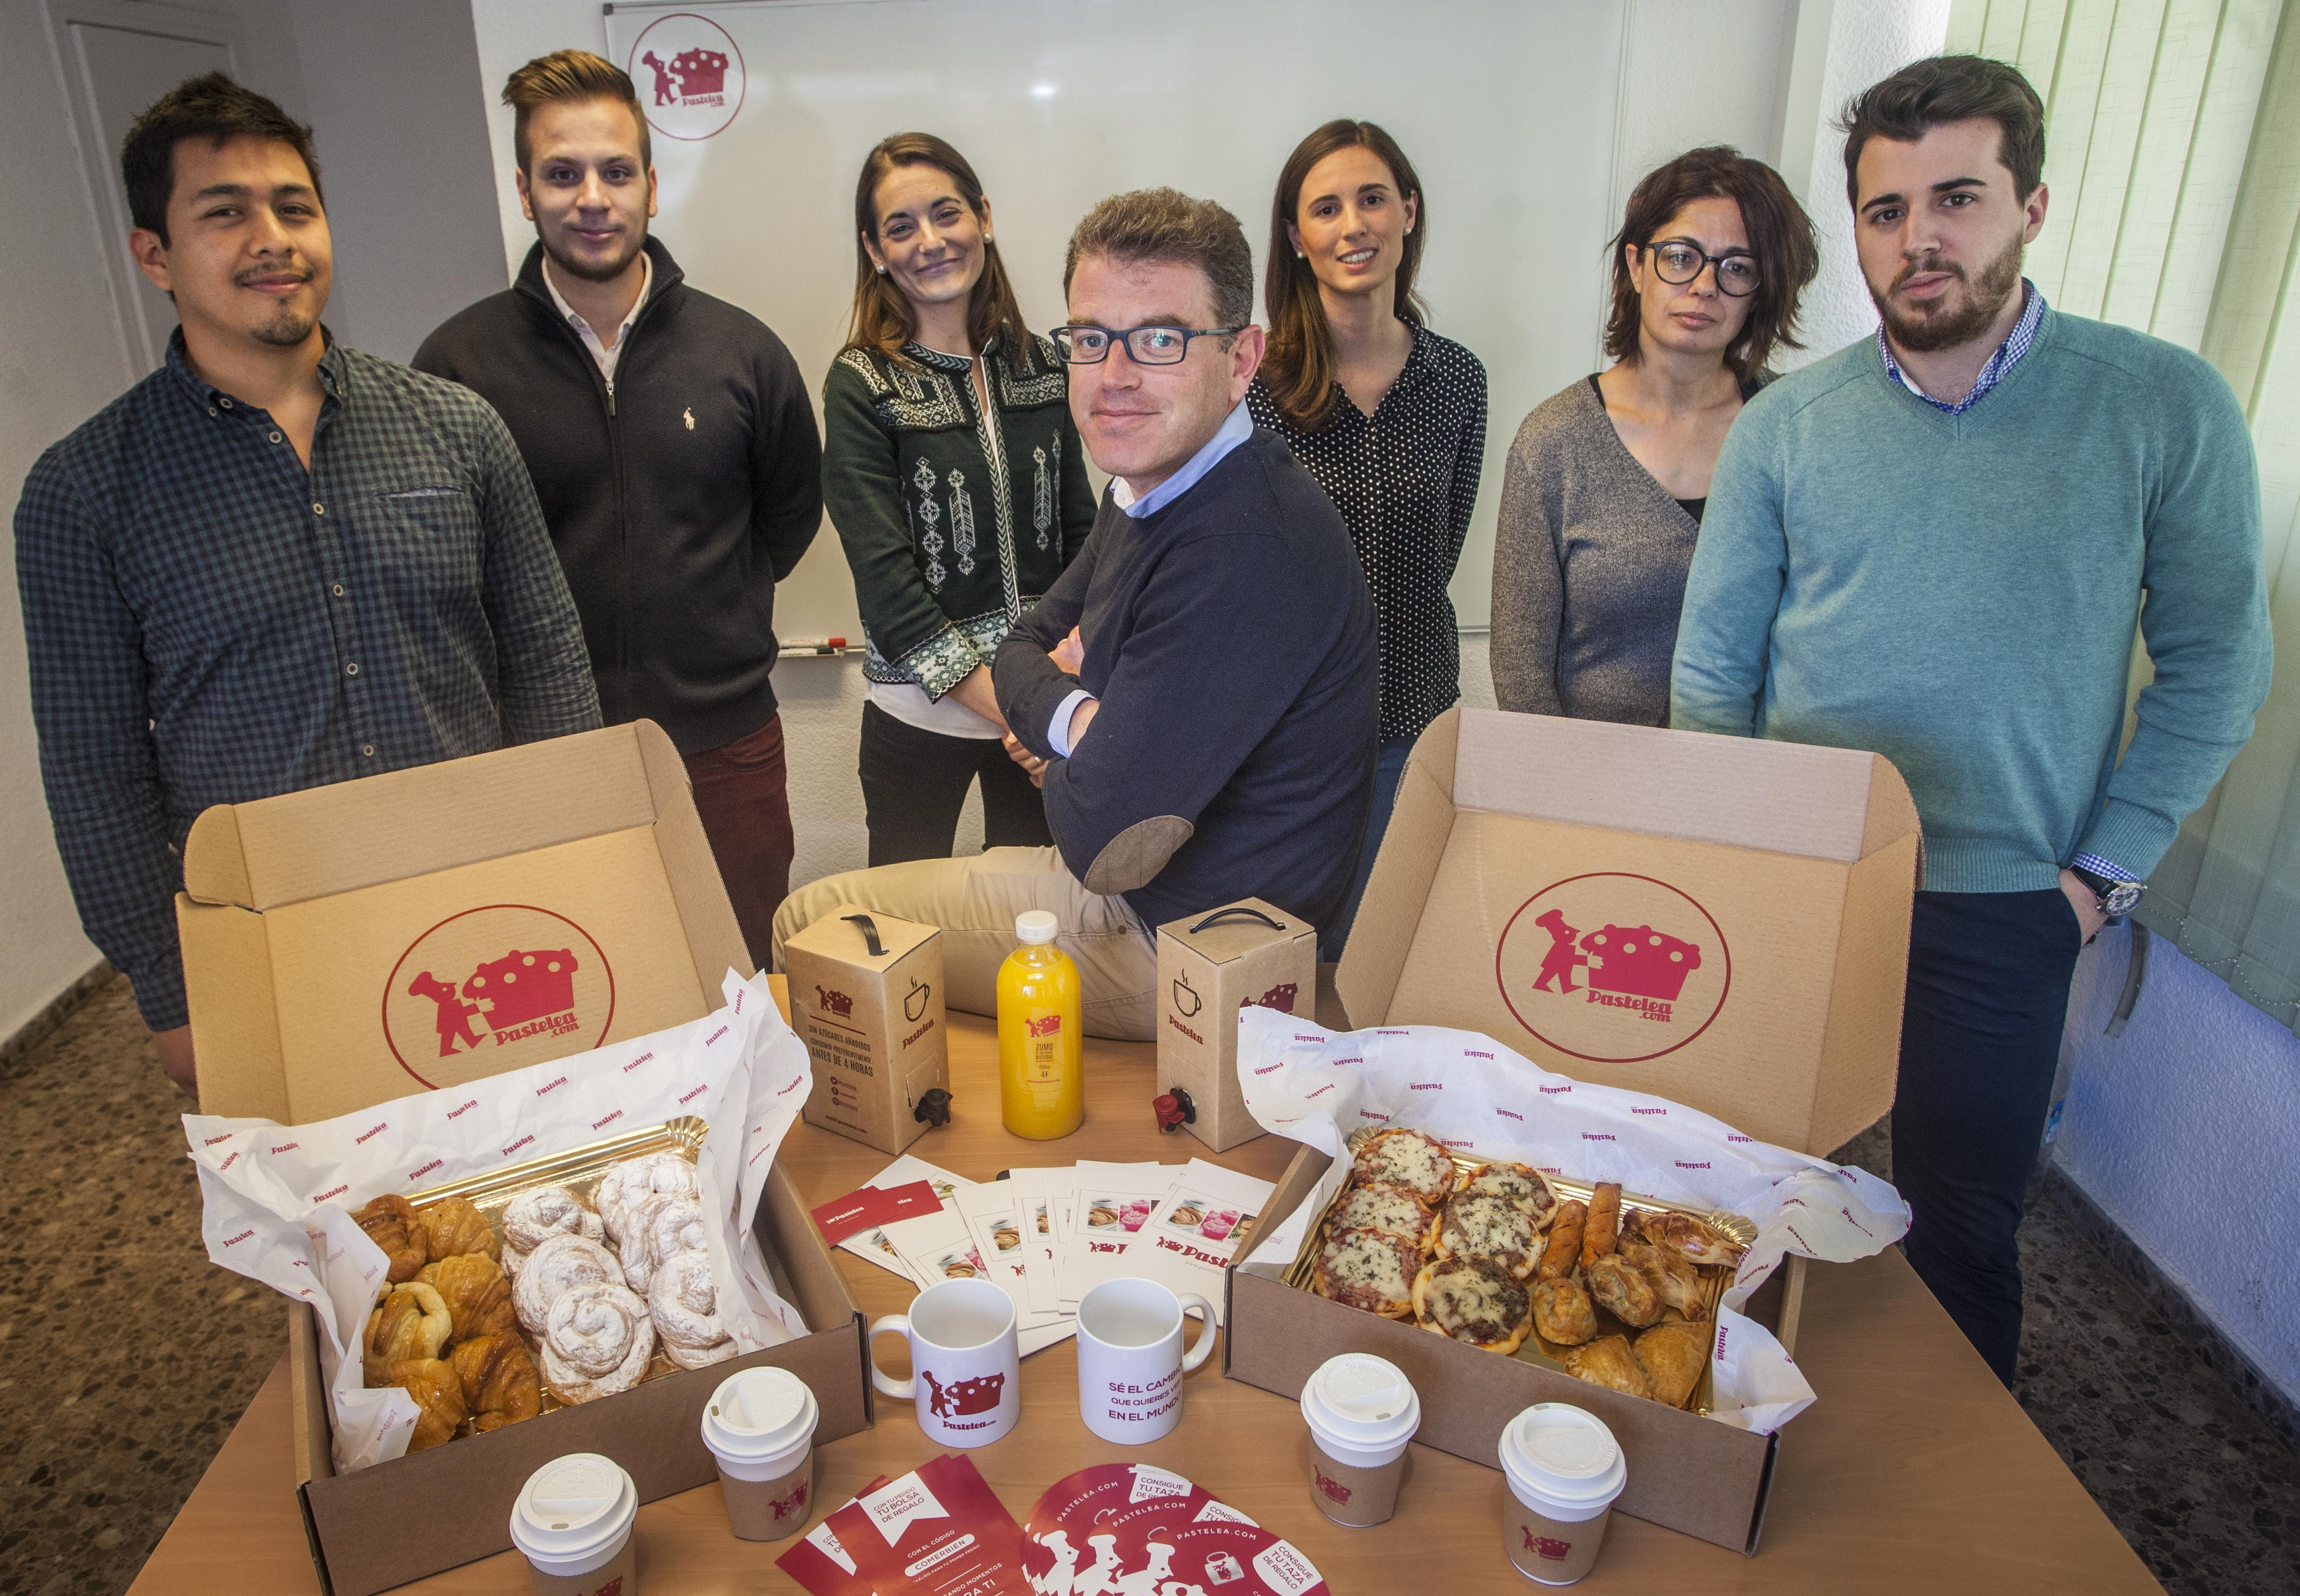 Pastelea une a 200 pastelerías tradicionales de Madrid, Barcelona y Valencia en la venta online